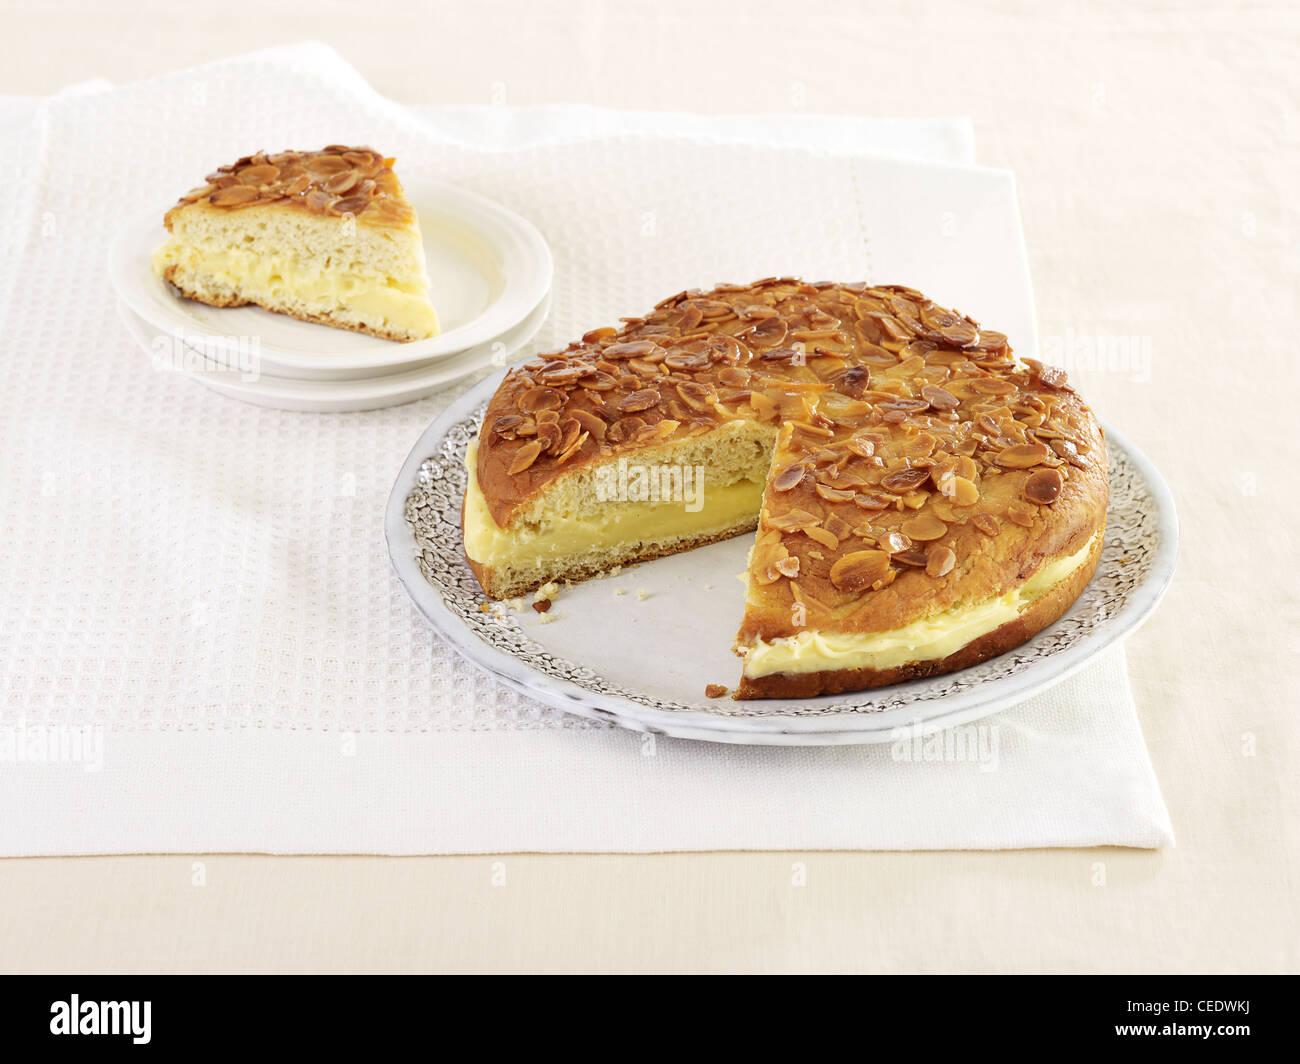 Bienenstich Traditionell Deutsch Kuchen Mit Creme Fullung Und